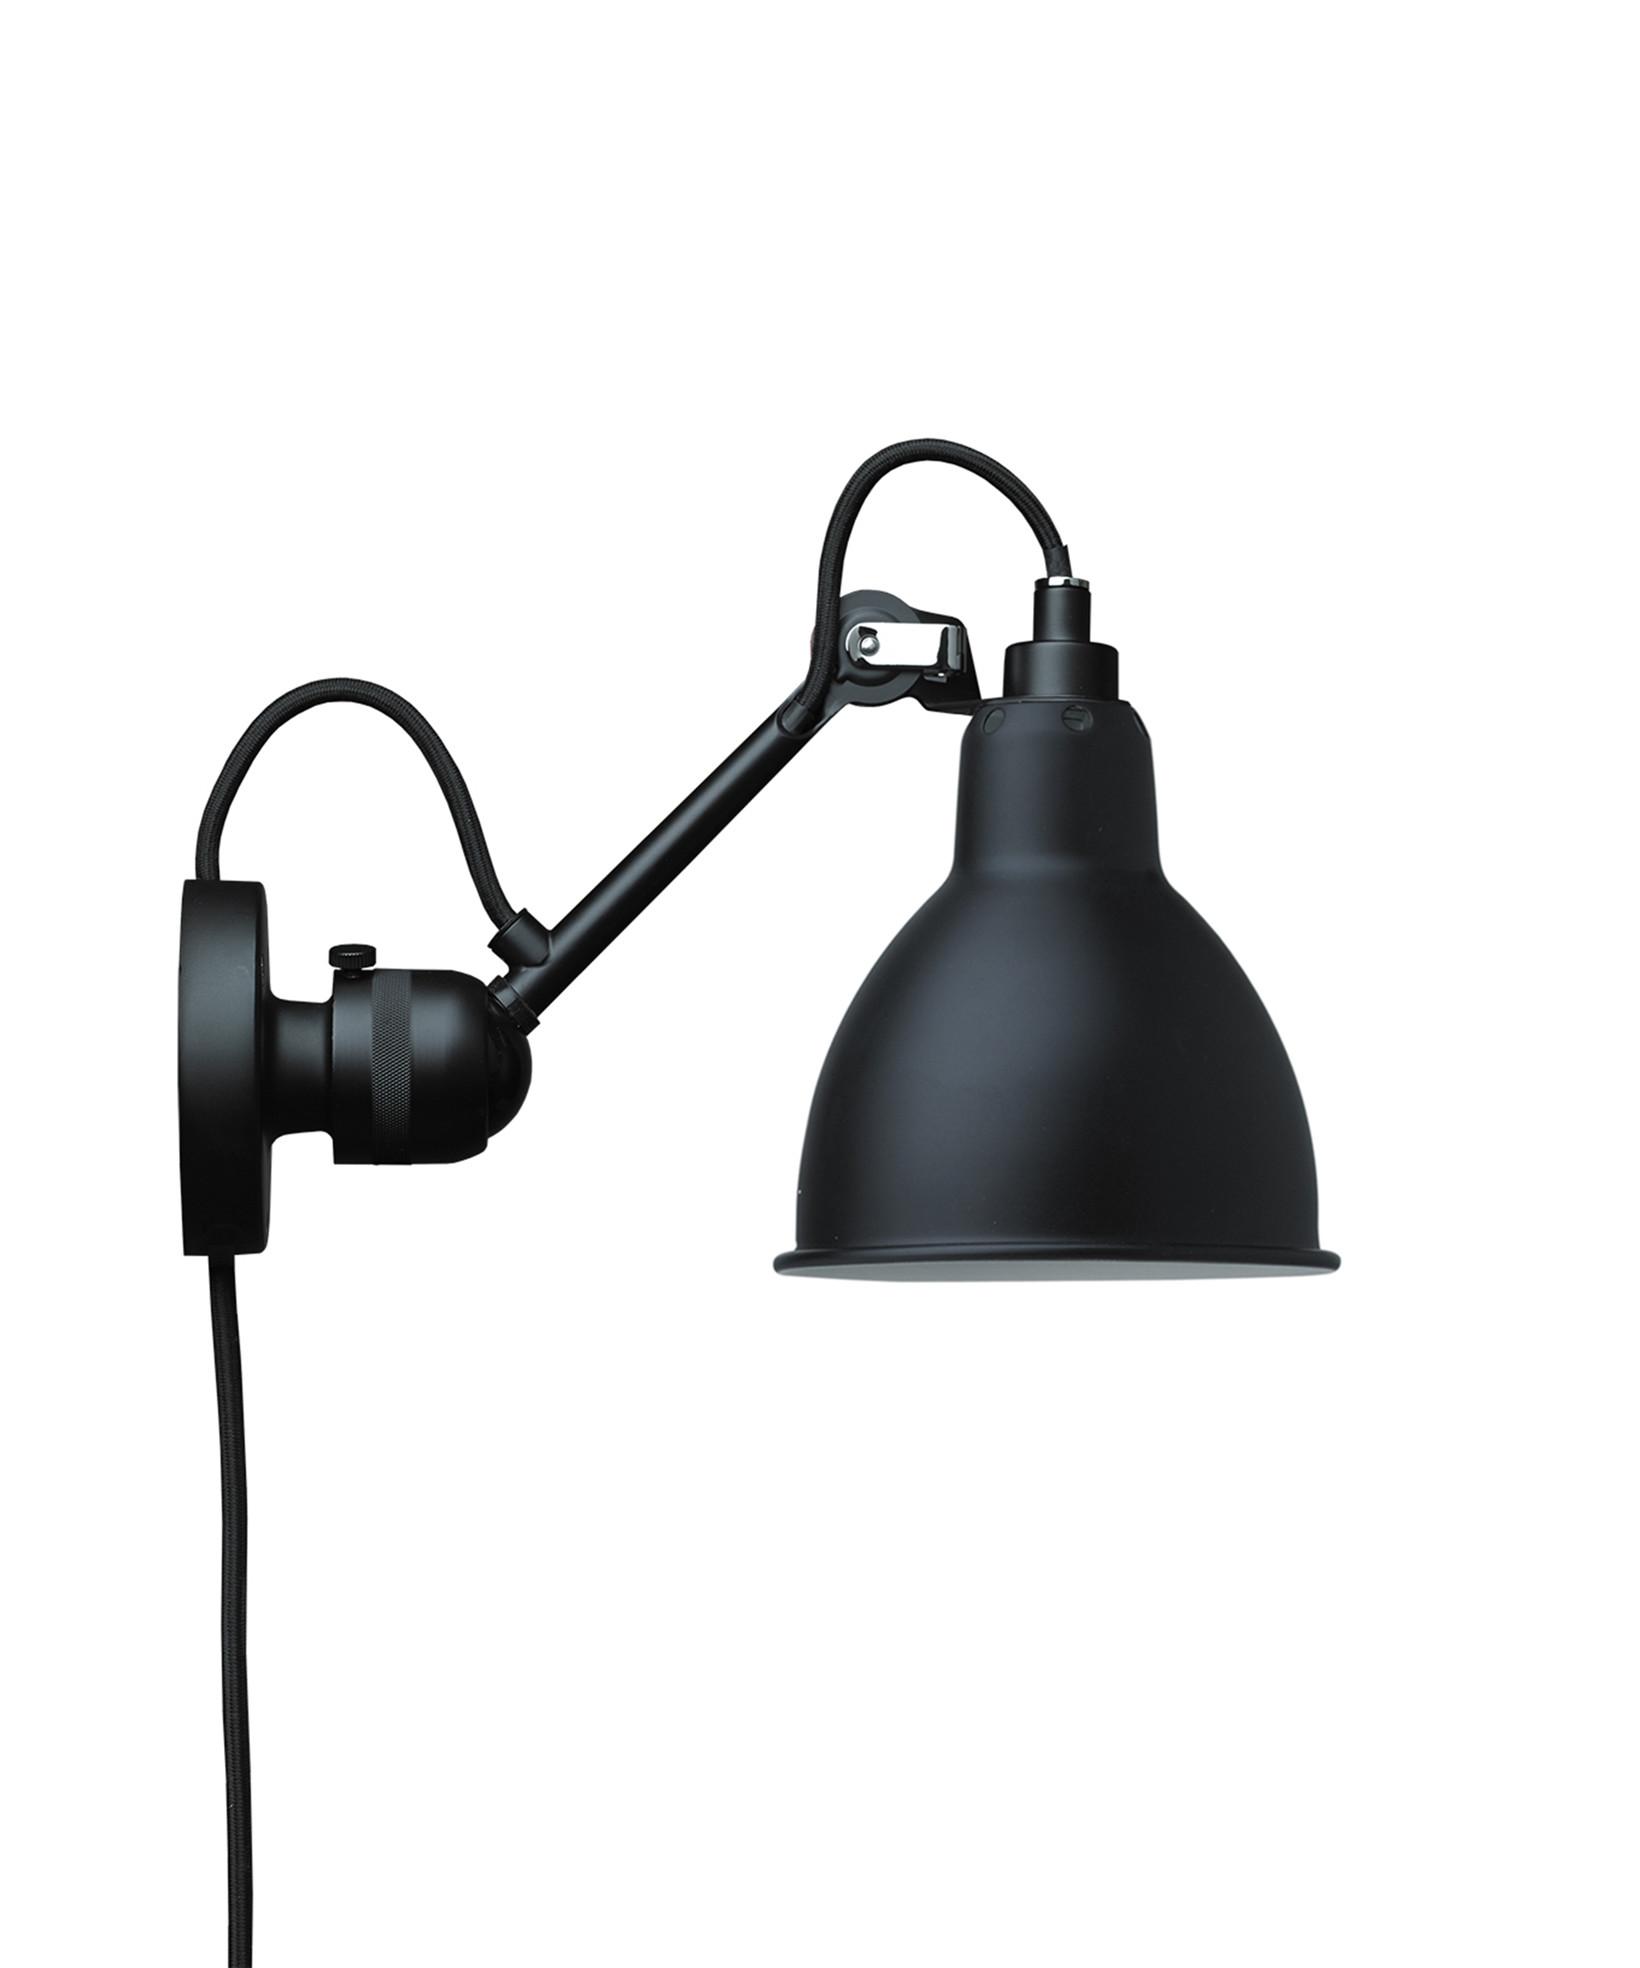 Enormt Lampe Gras » Køb design lamper fra Lampe Gras online her TP25